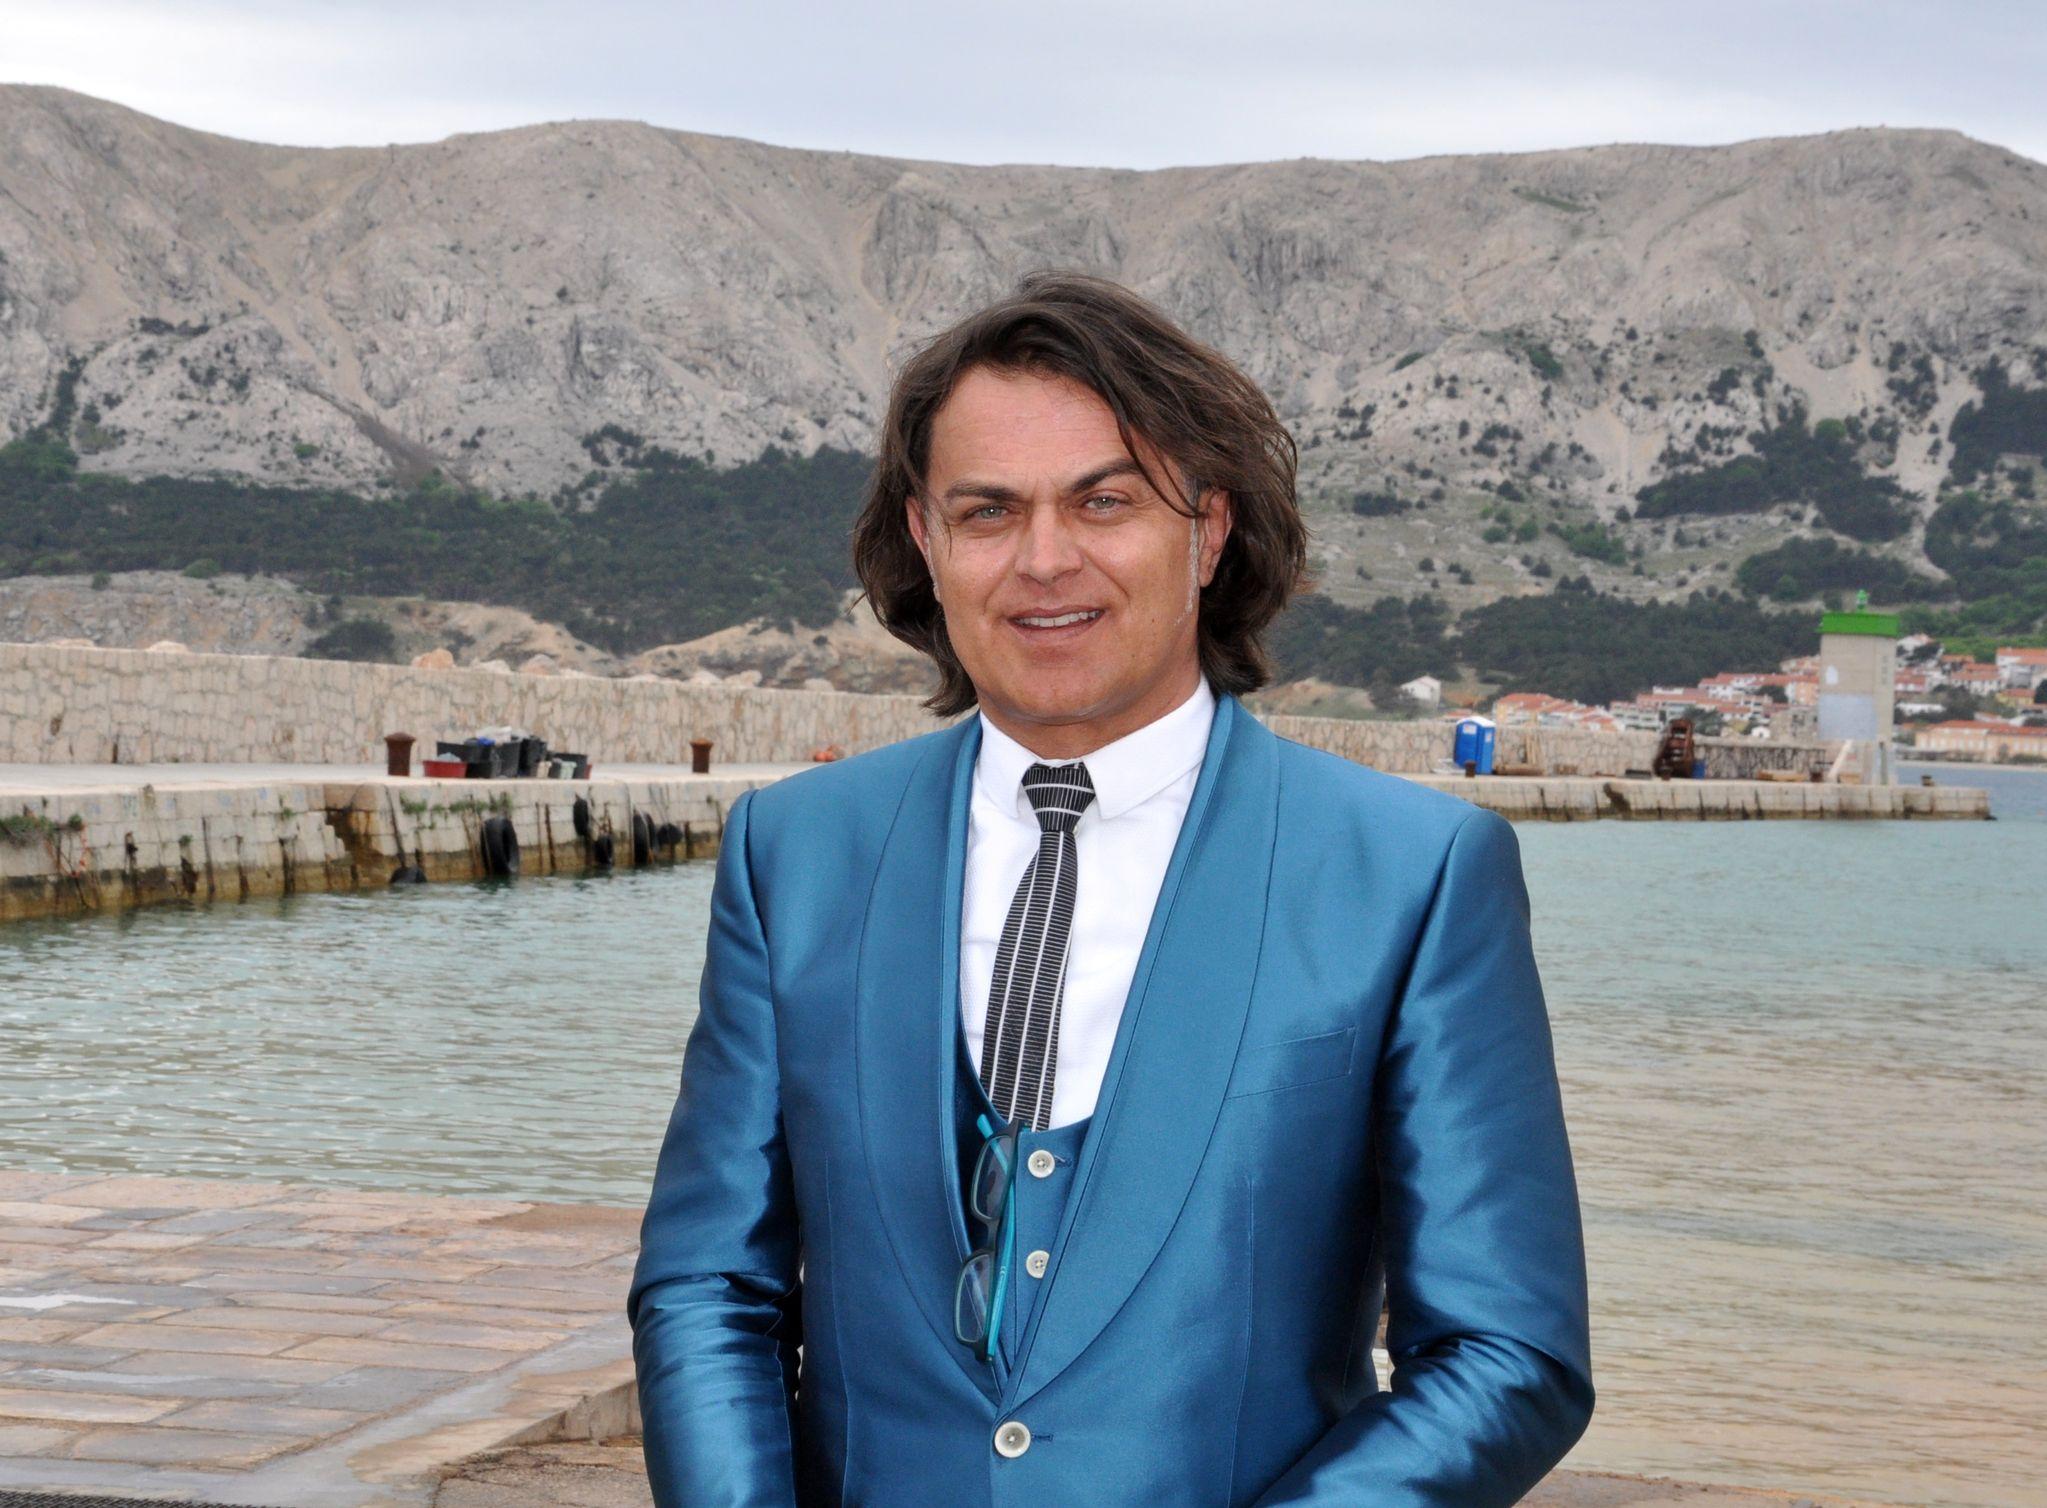 Ne manjka mu elana za pokretanje novih razvojnih projekata – Toni Juranić / Foto M. TRINAJSTIĆ